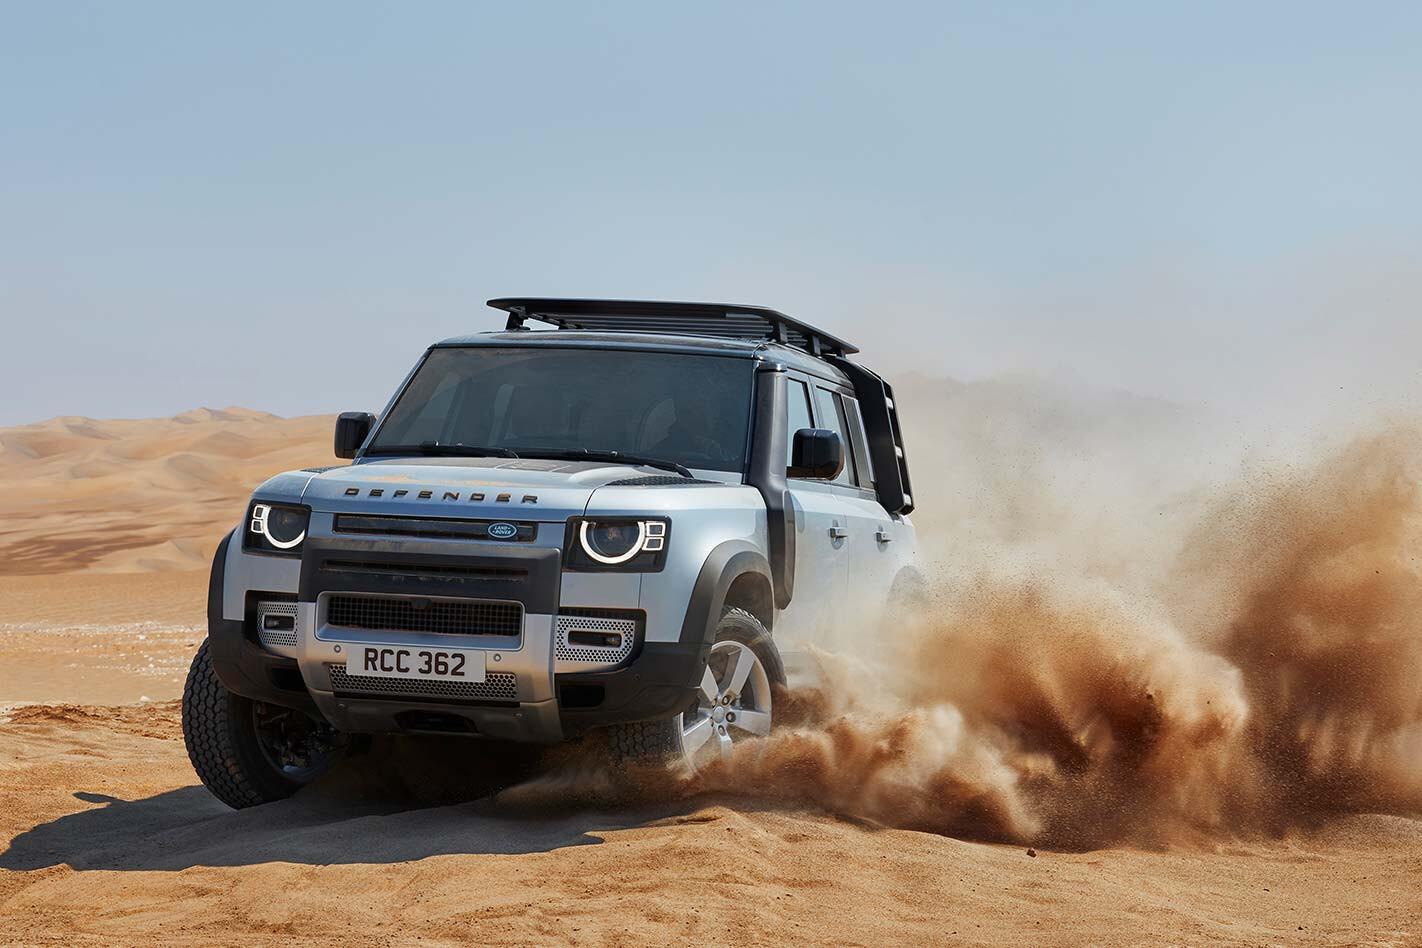 Defender desert promo